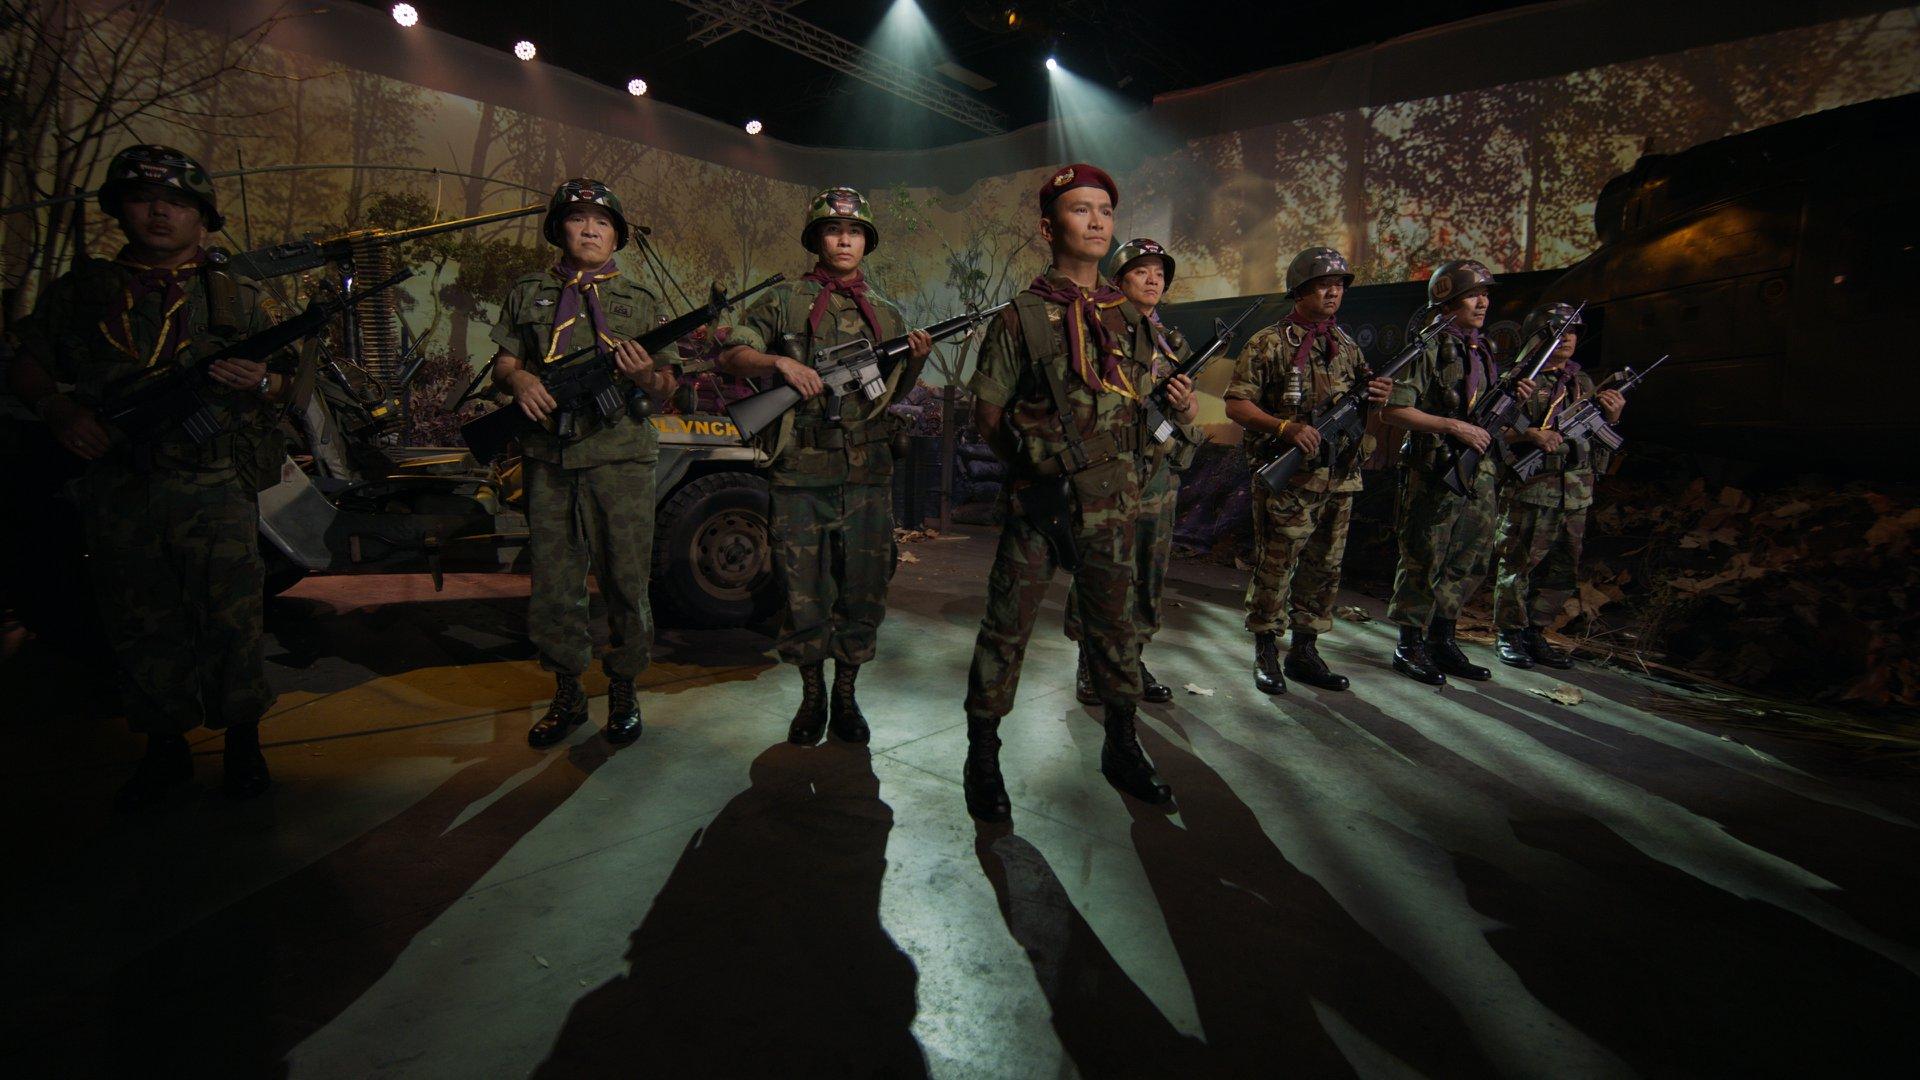 'Những Người Lính Bị Bỏ Rơi' sắp ra mắt khán giả hải ngoại trước thềm 30/4 (VOA)